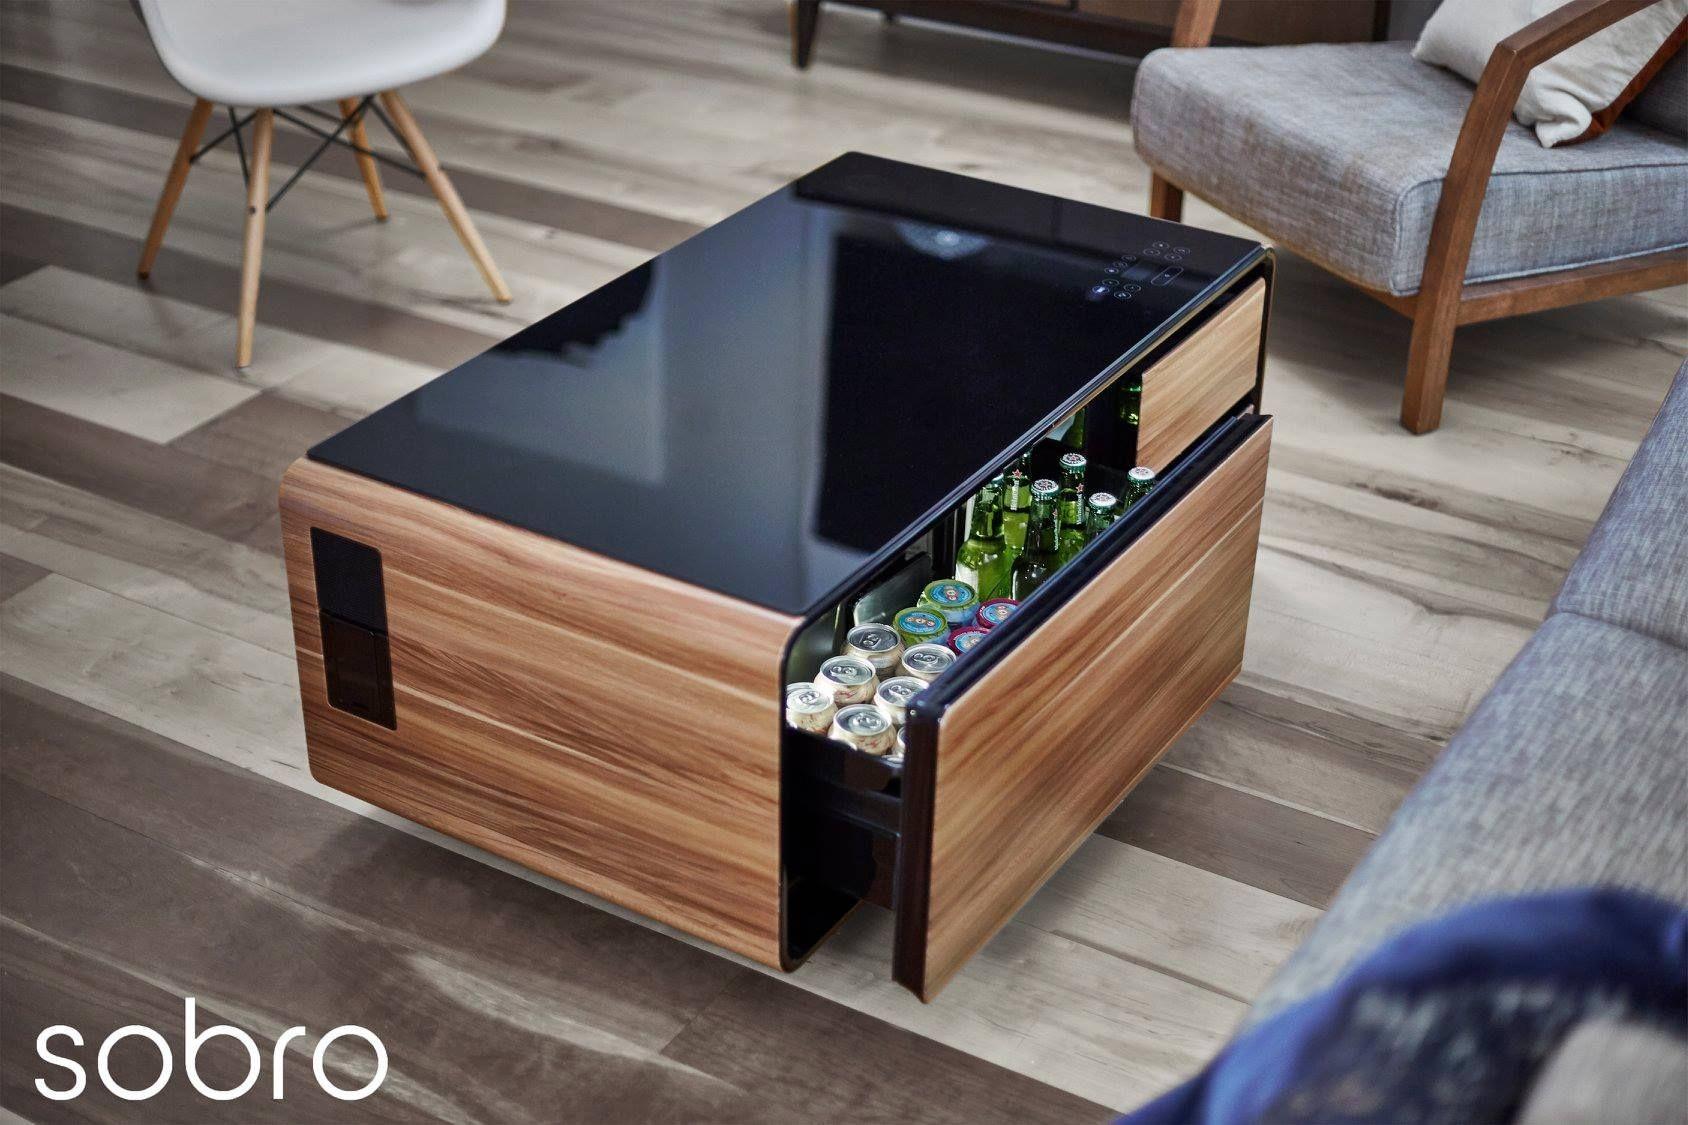 sobro smart coffee table by sobro design